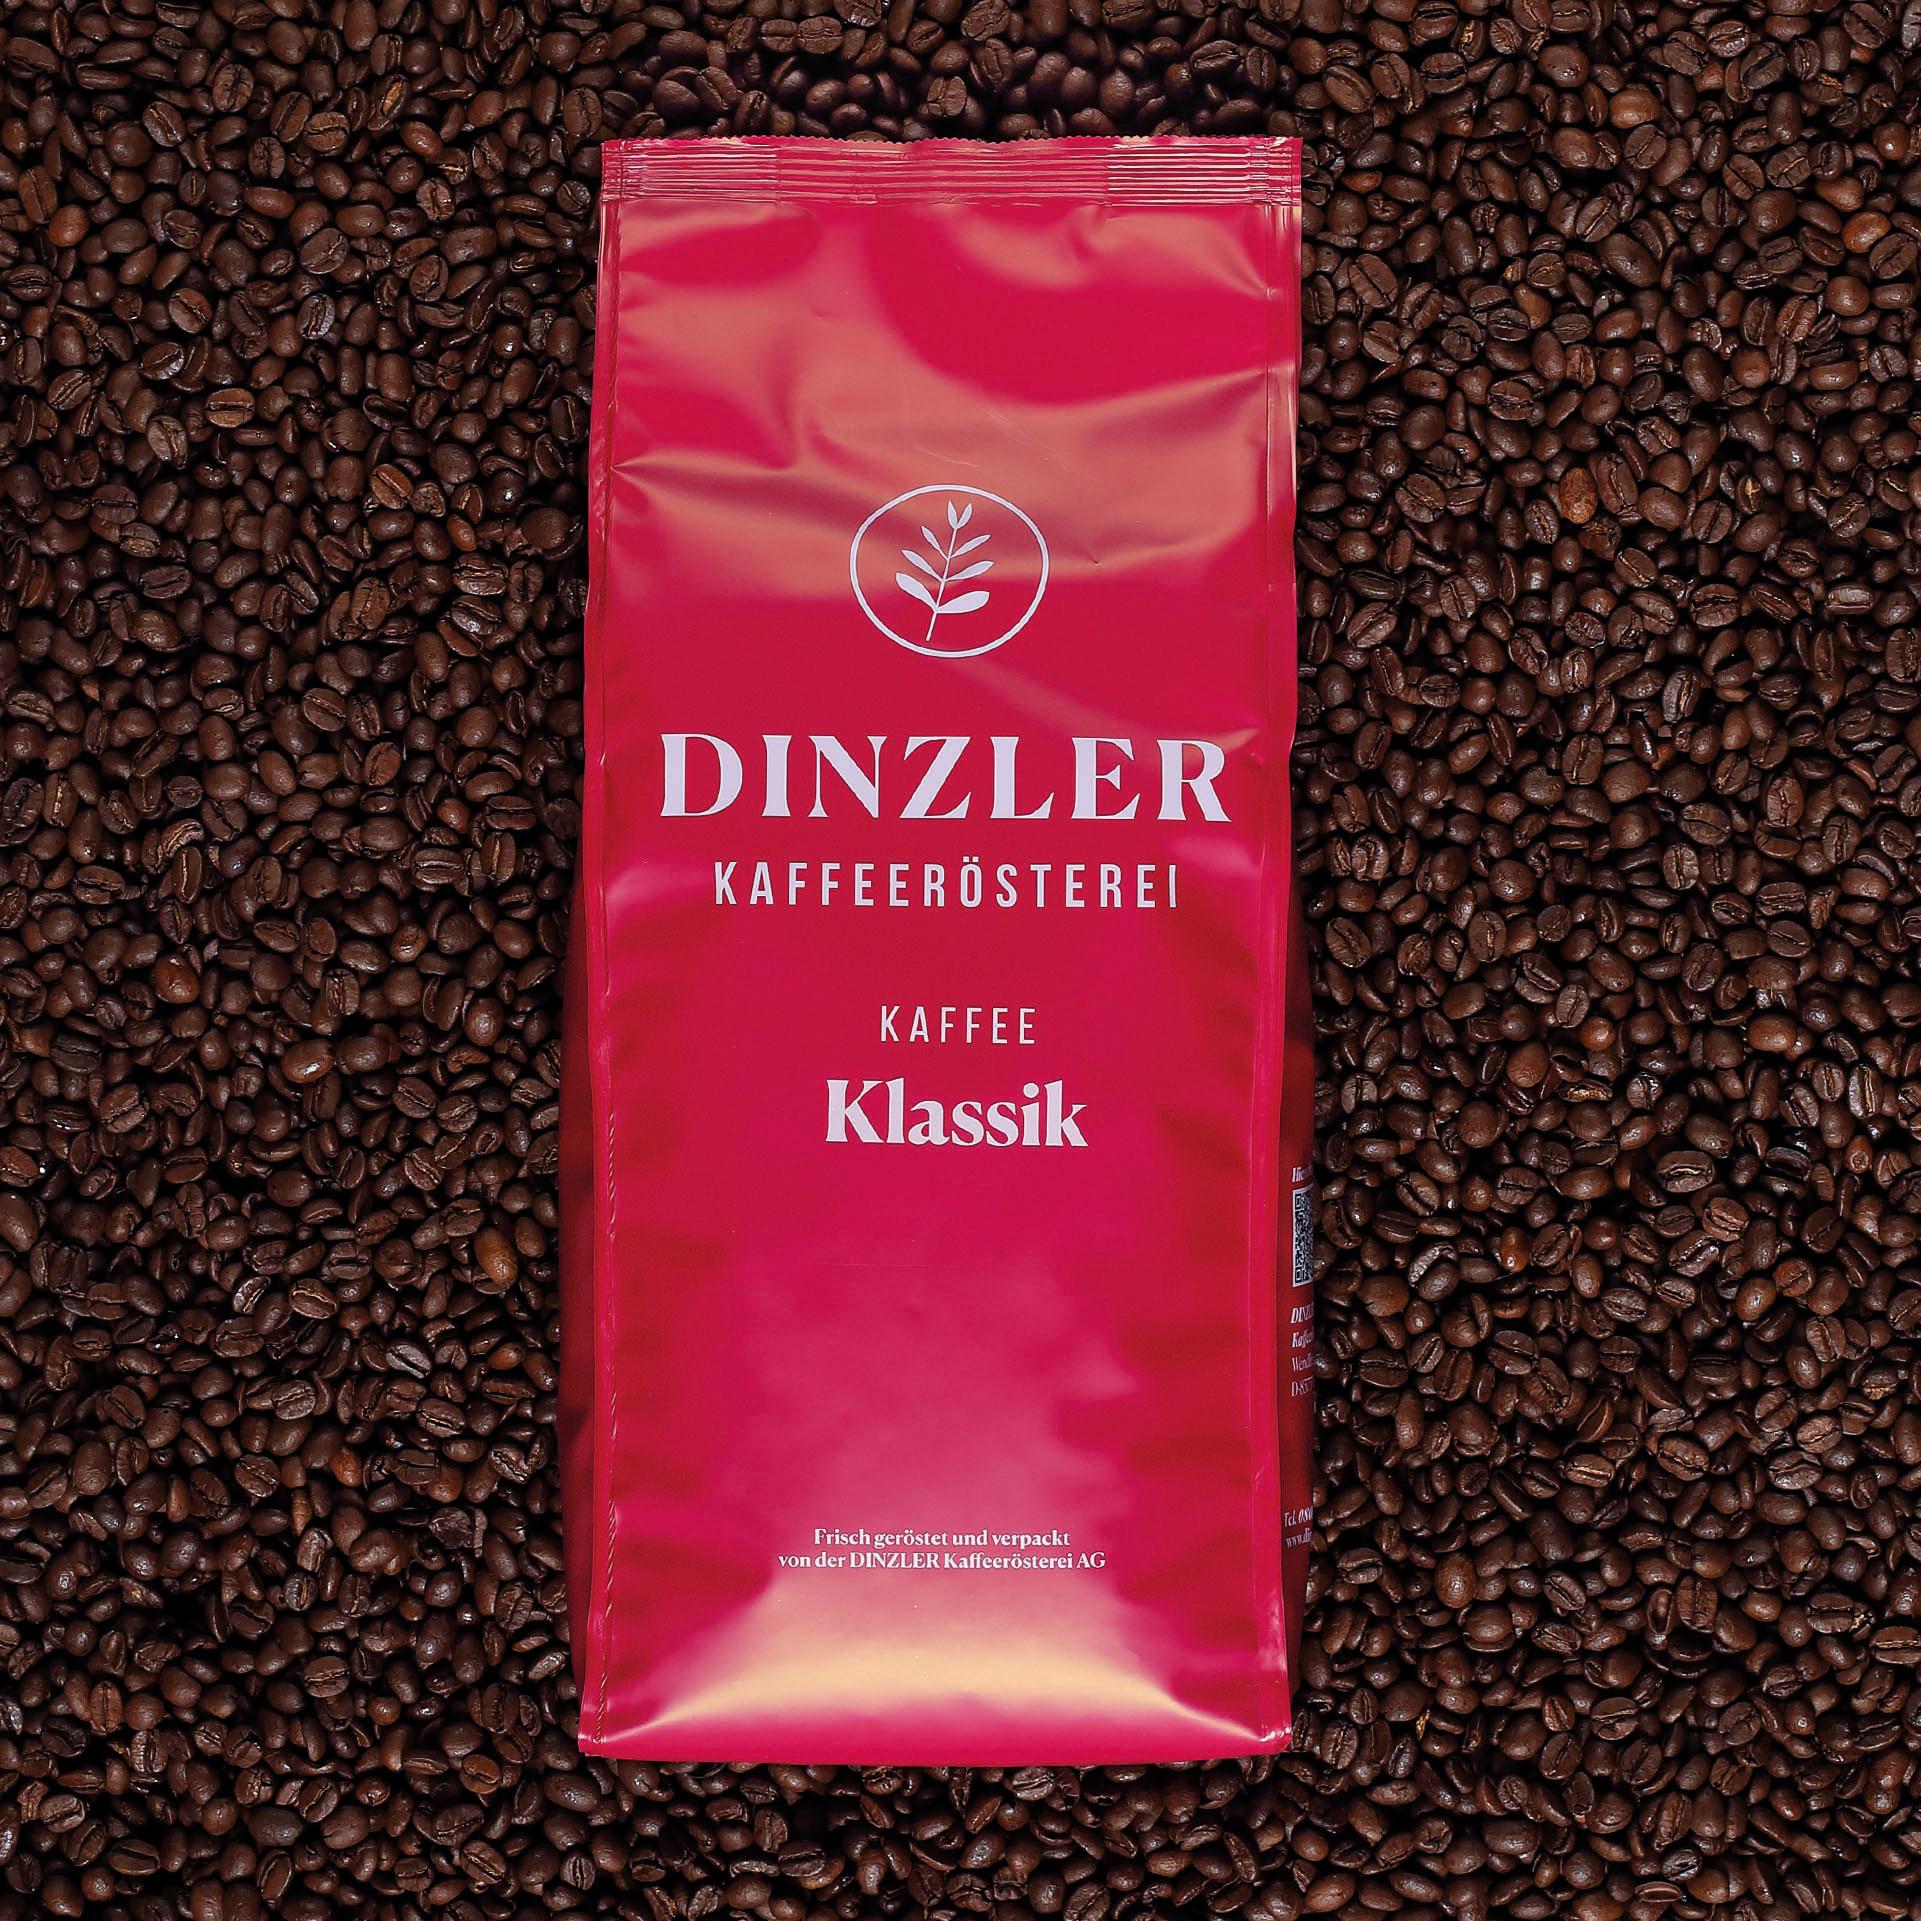 Kaffee Klassik | DINZLER Shop